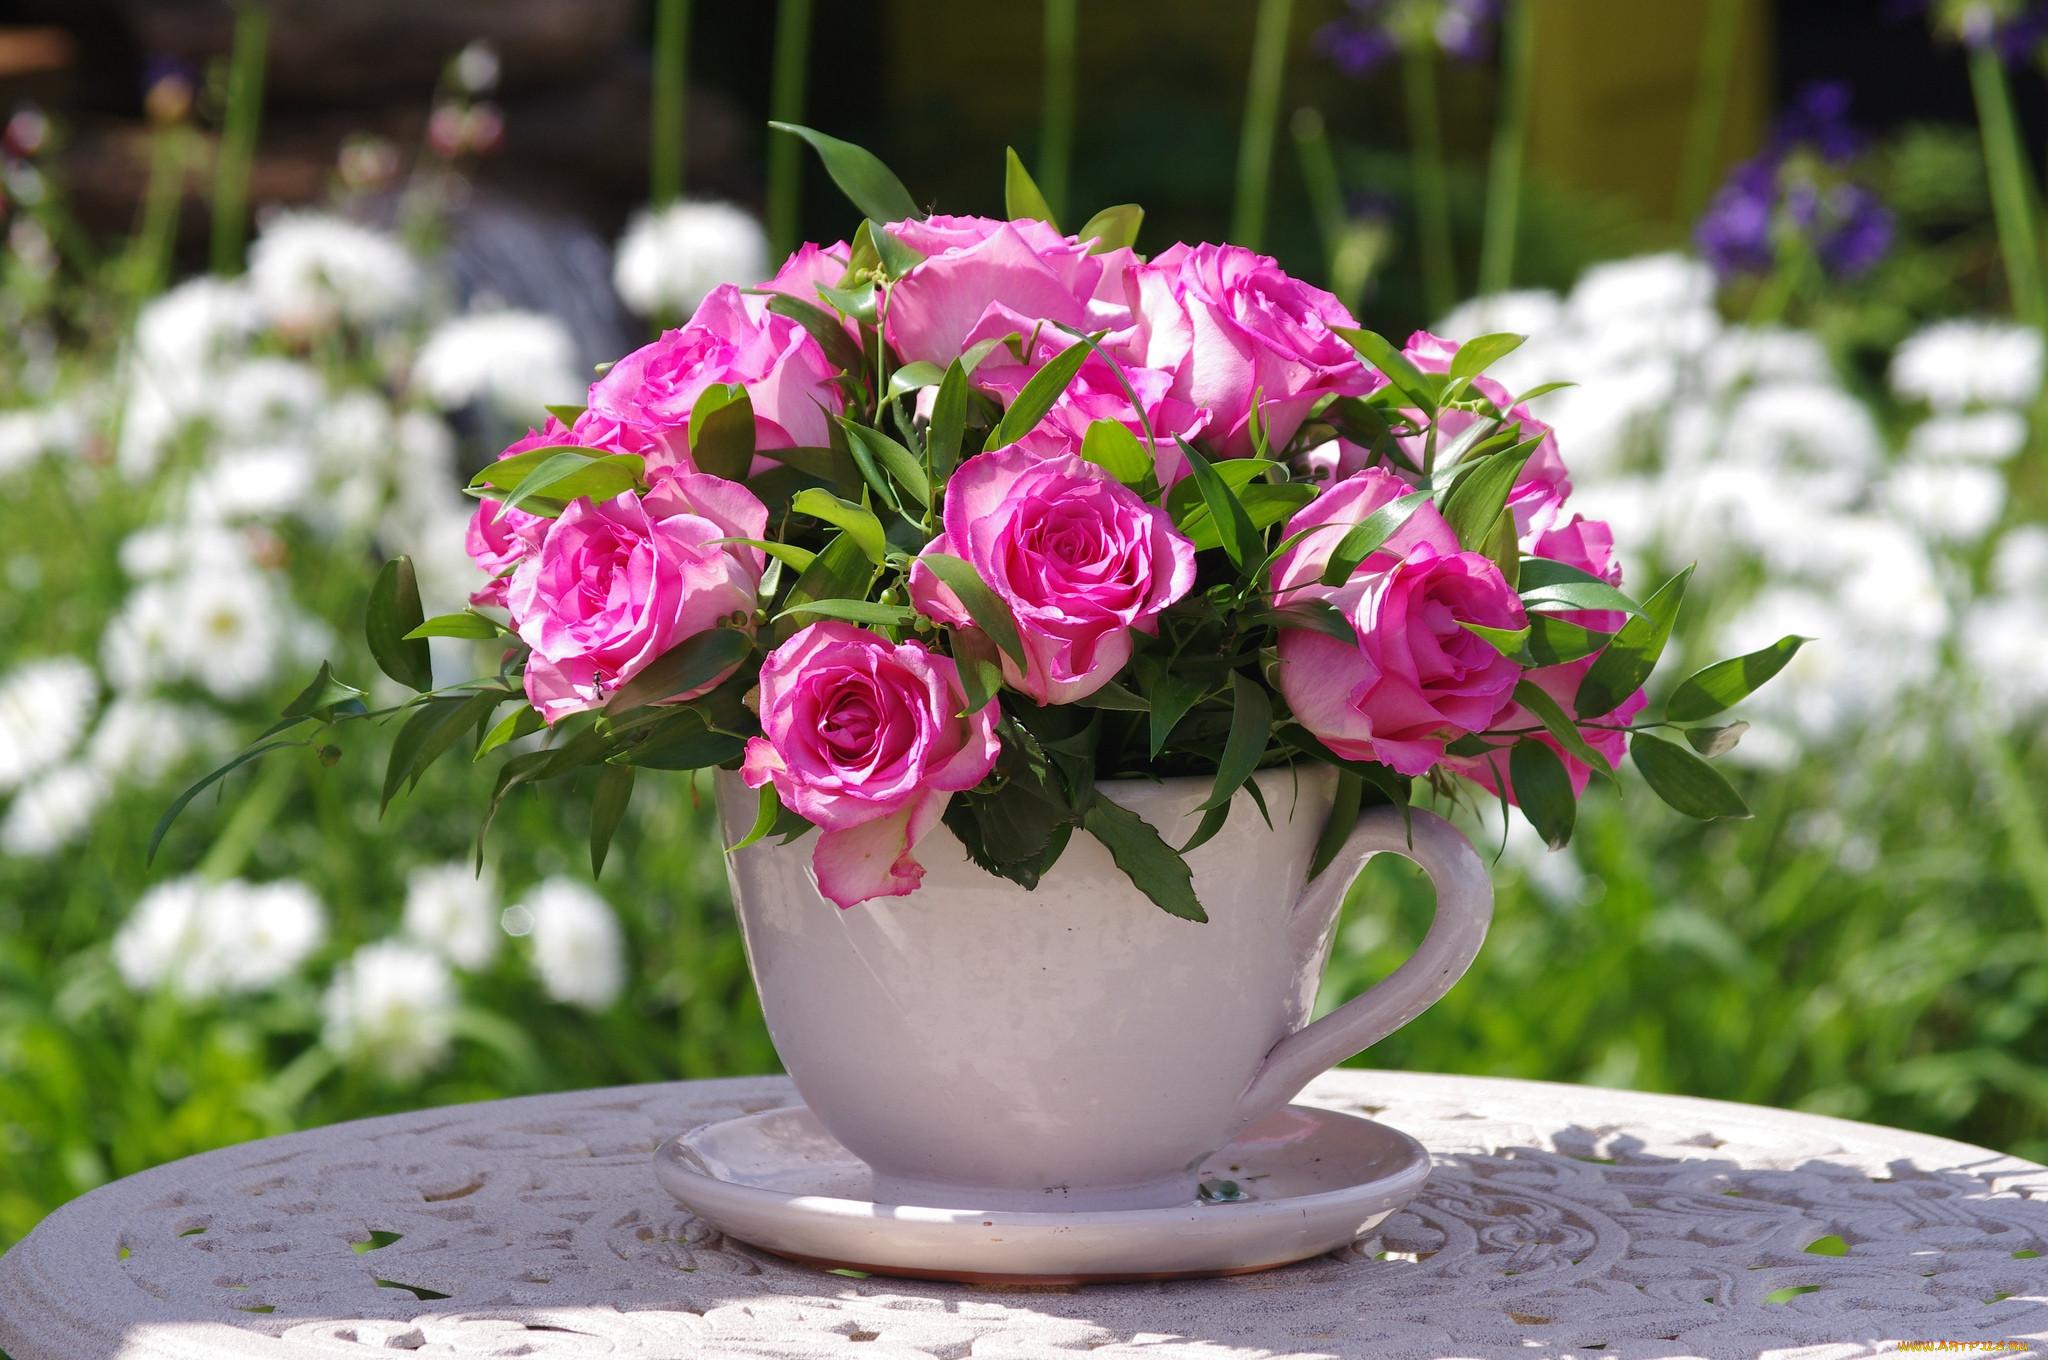 клапан переделывал цветы букеты фото добрый день жизни, который она